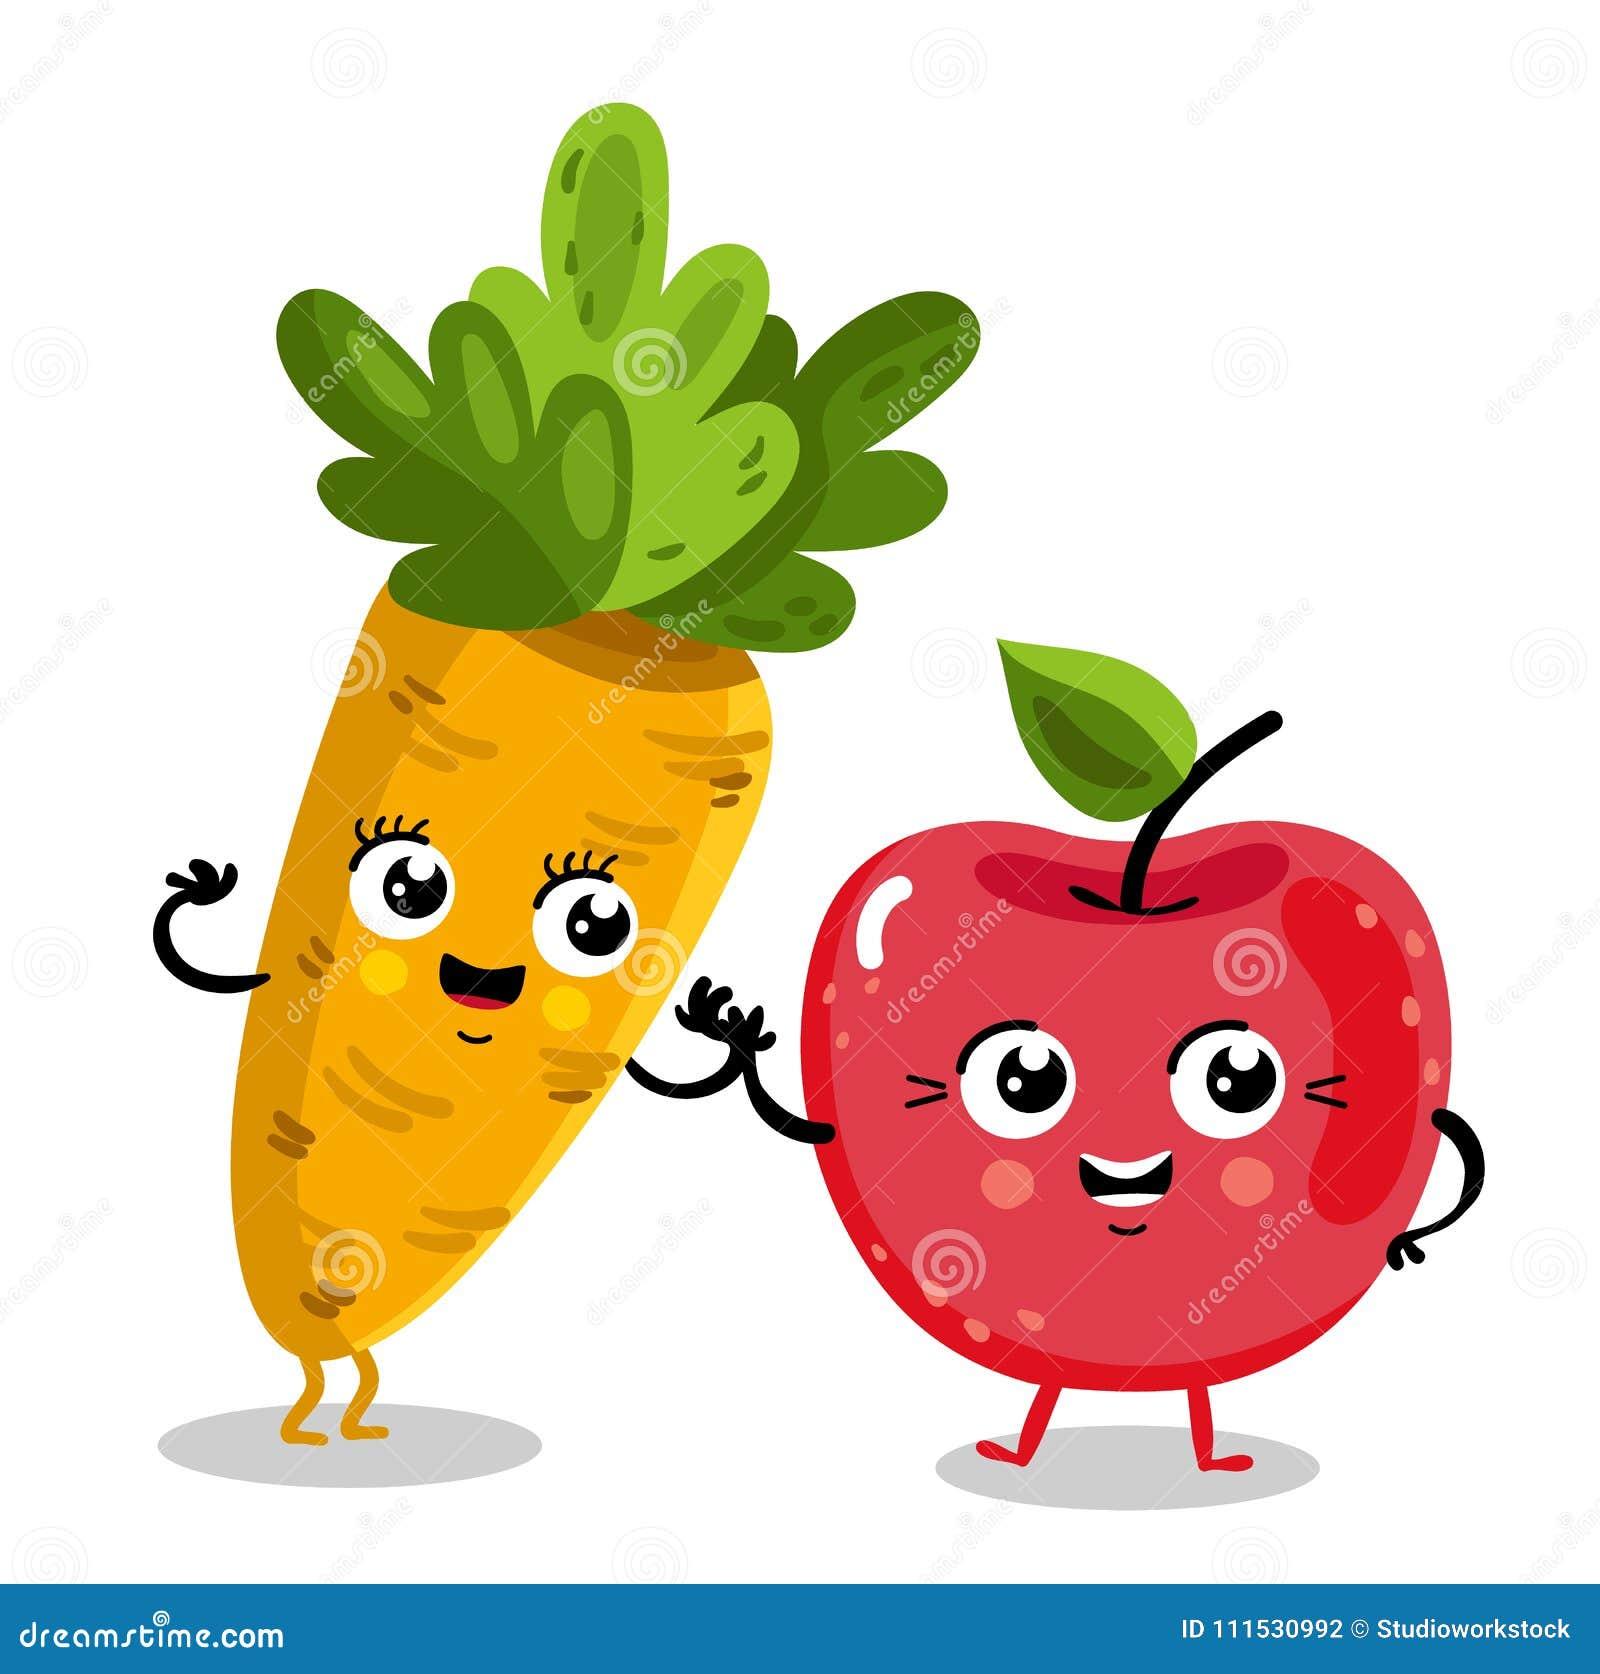 Personajes De Dibujos Animados Divertidos De La Fruta Y